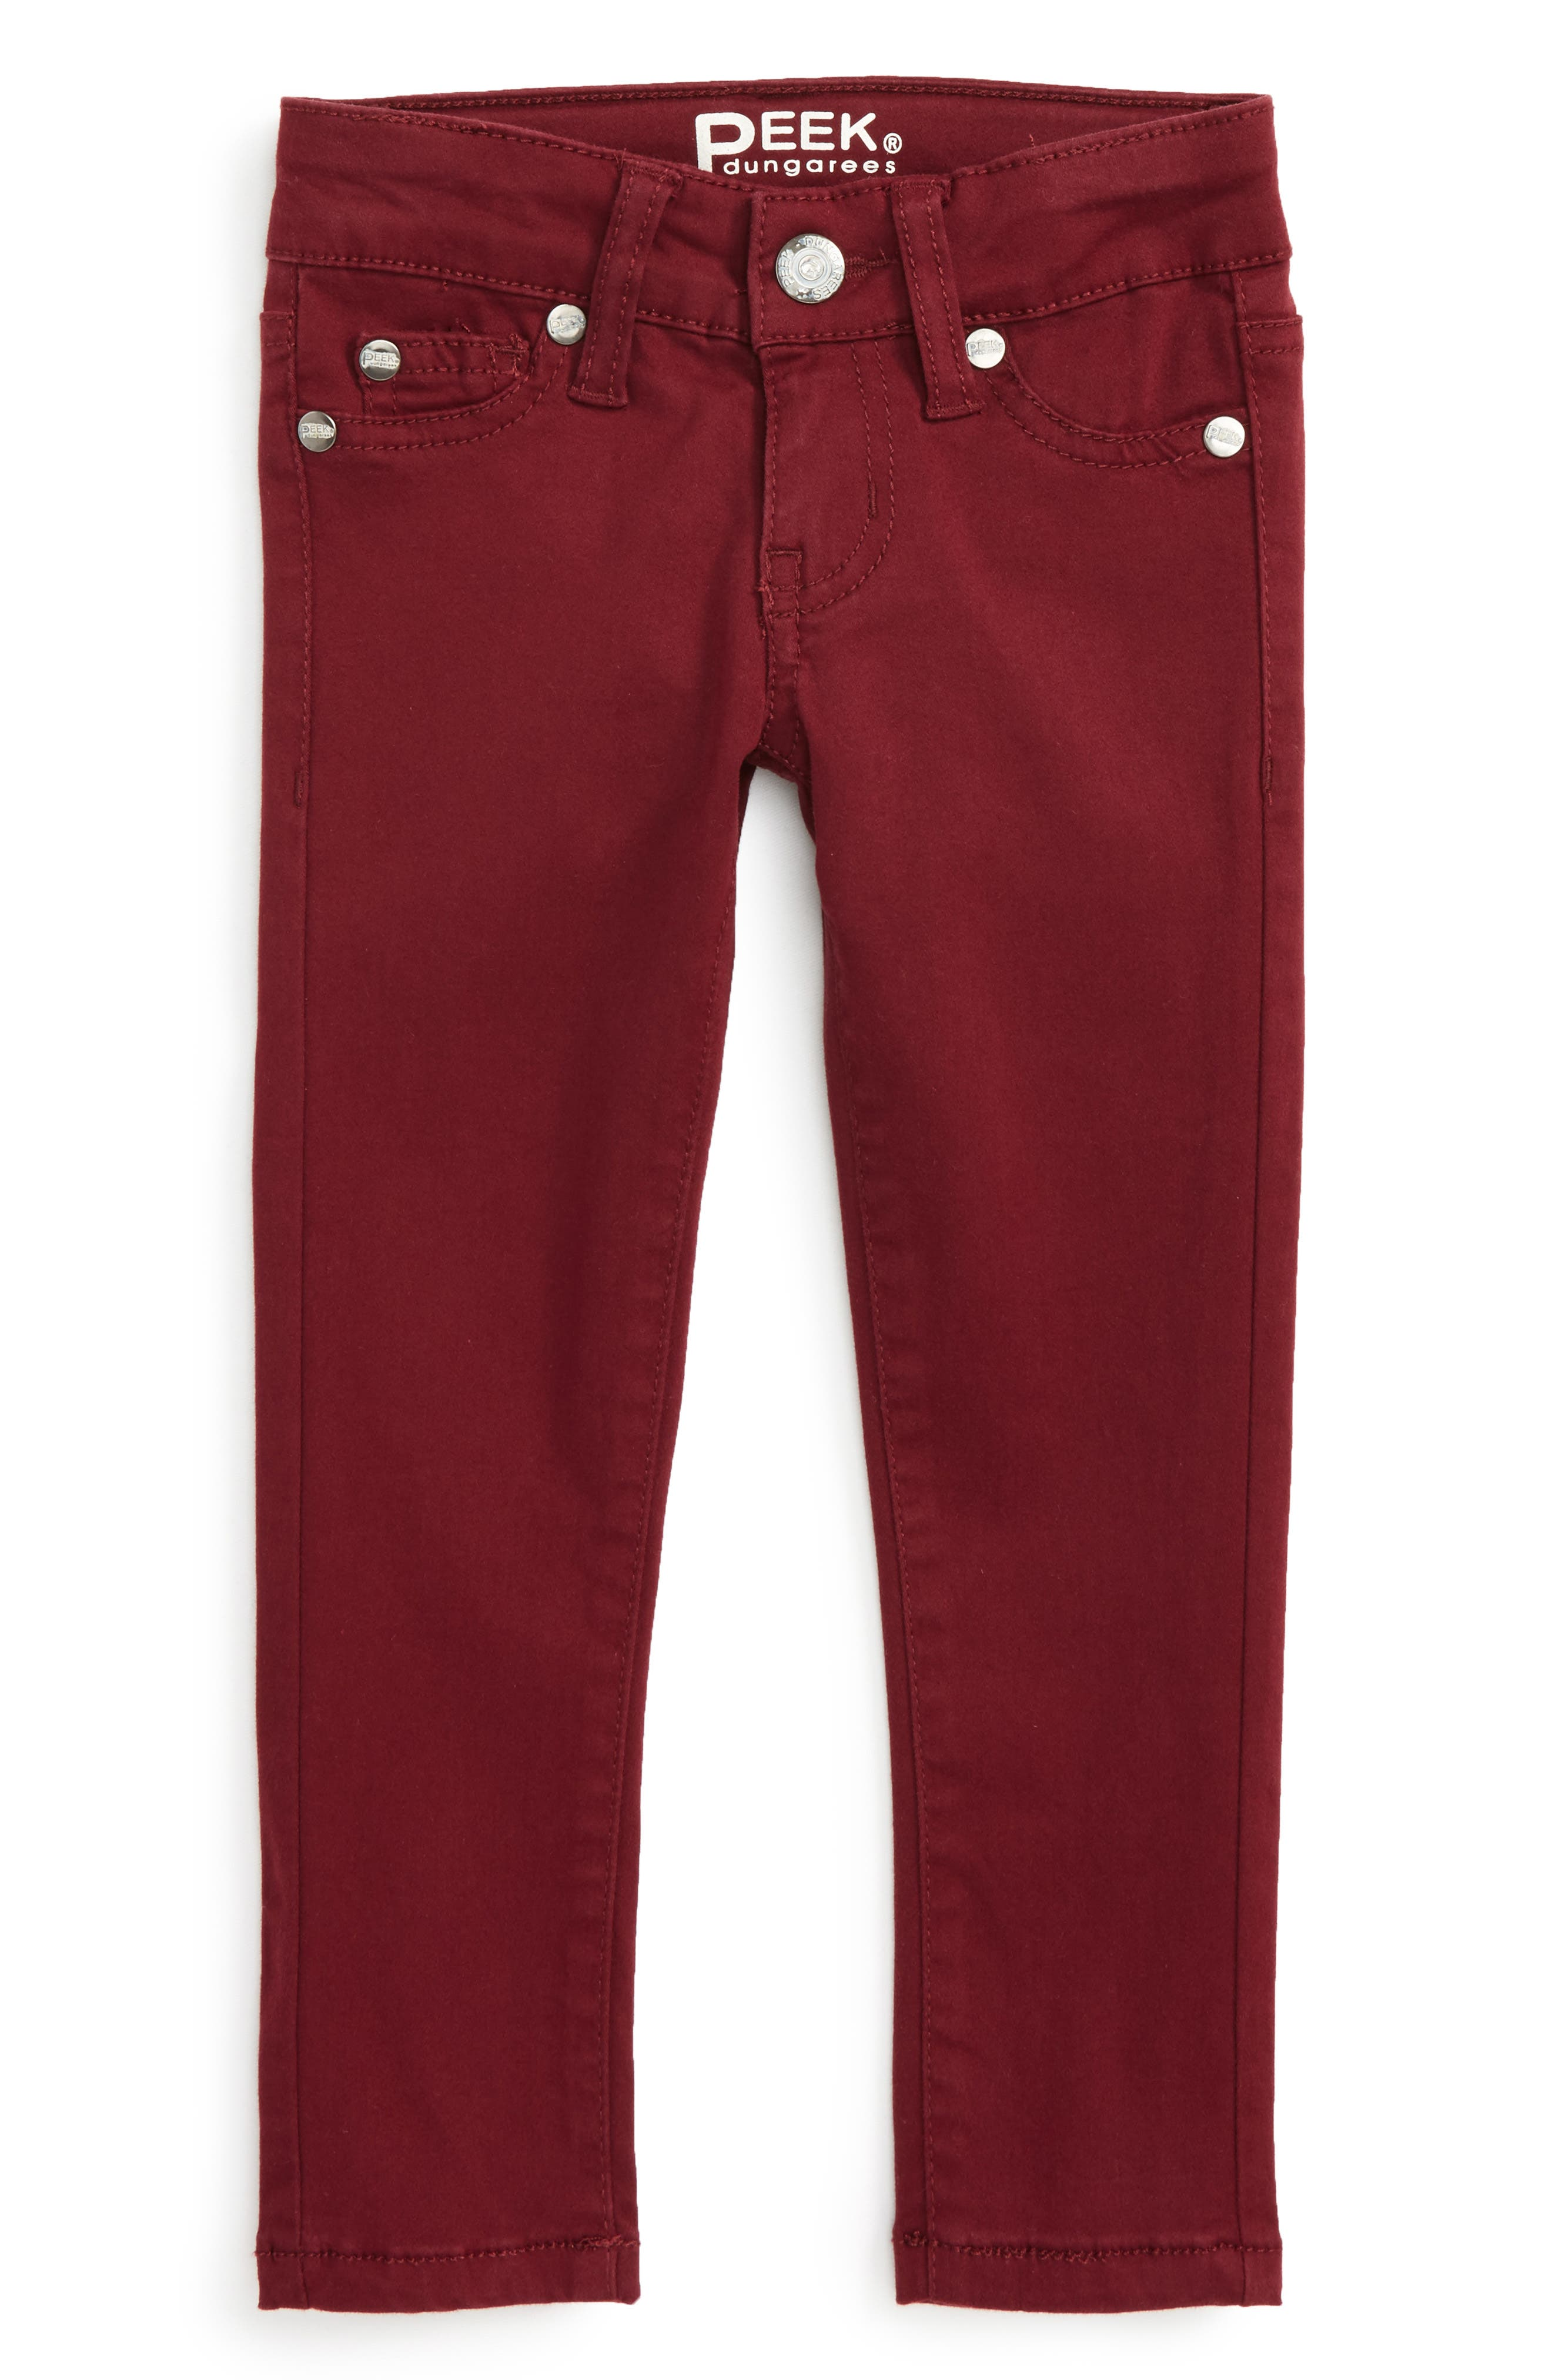 Main Image - Peek Taylor Skinny Jeans (Toddler Girls, Little Girls & Big Girls)